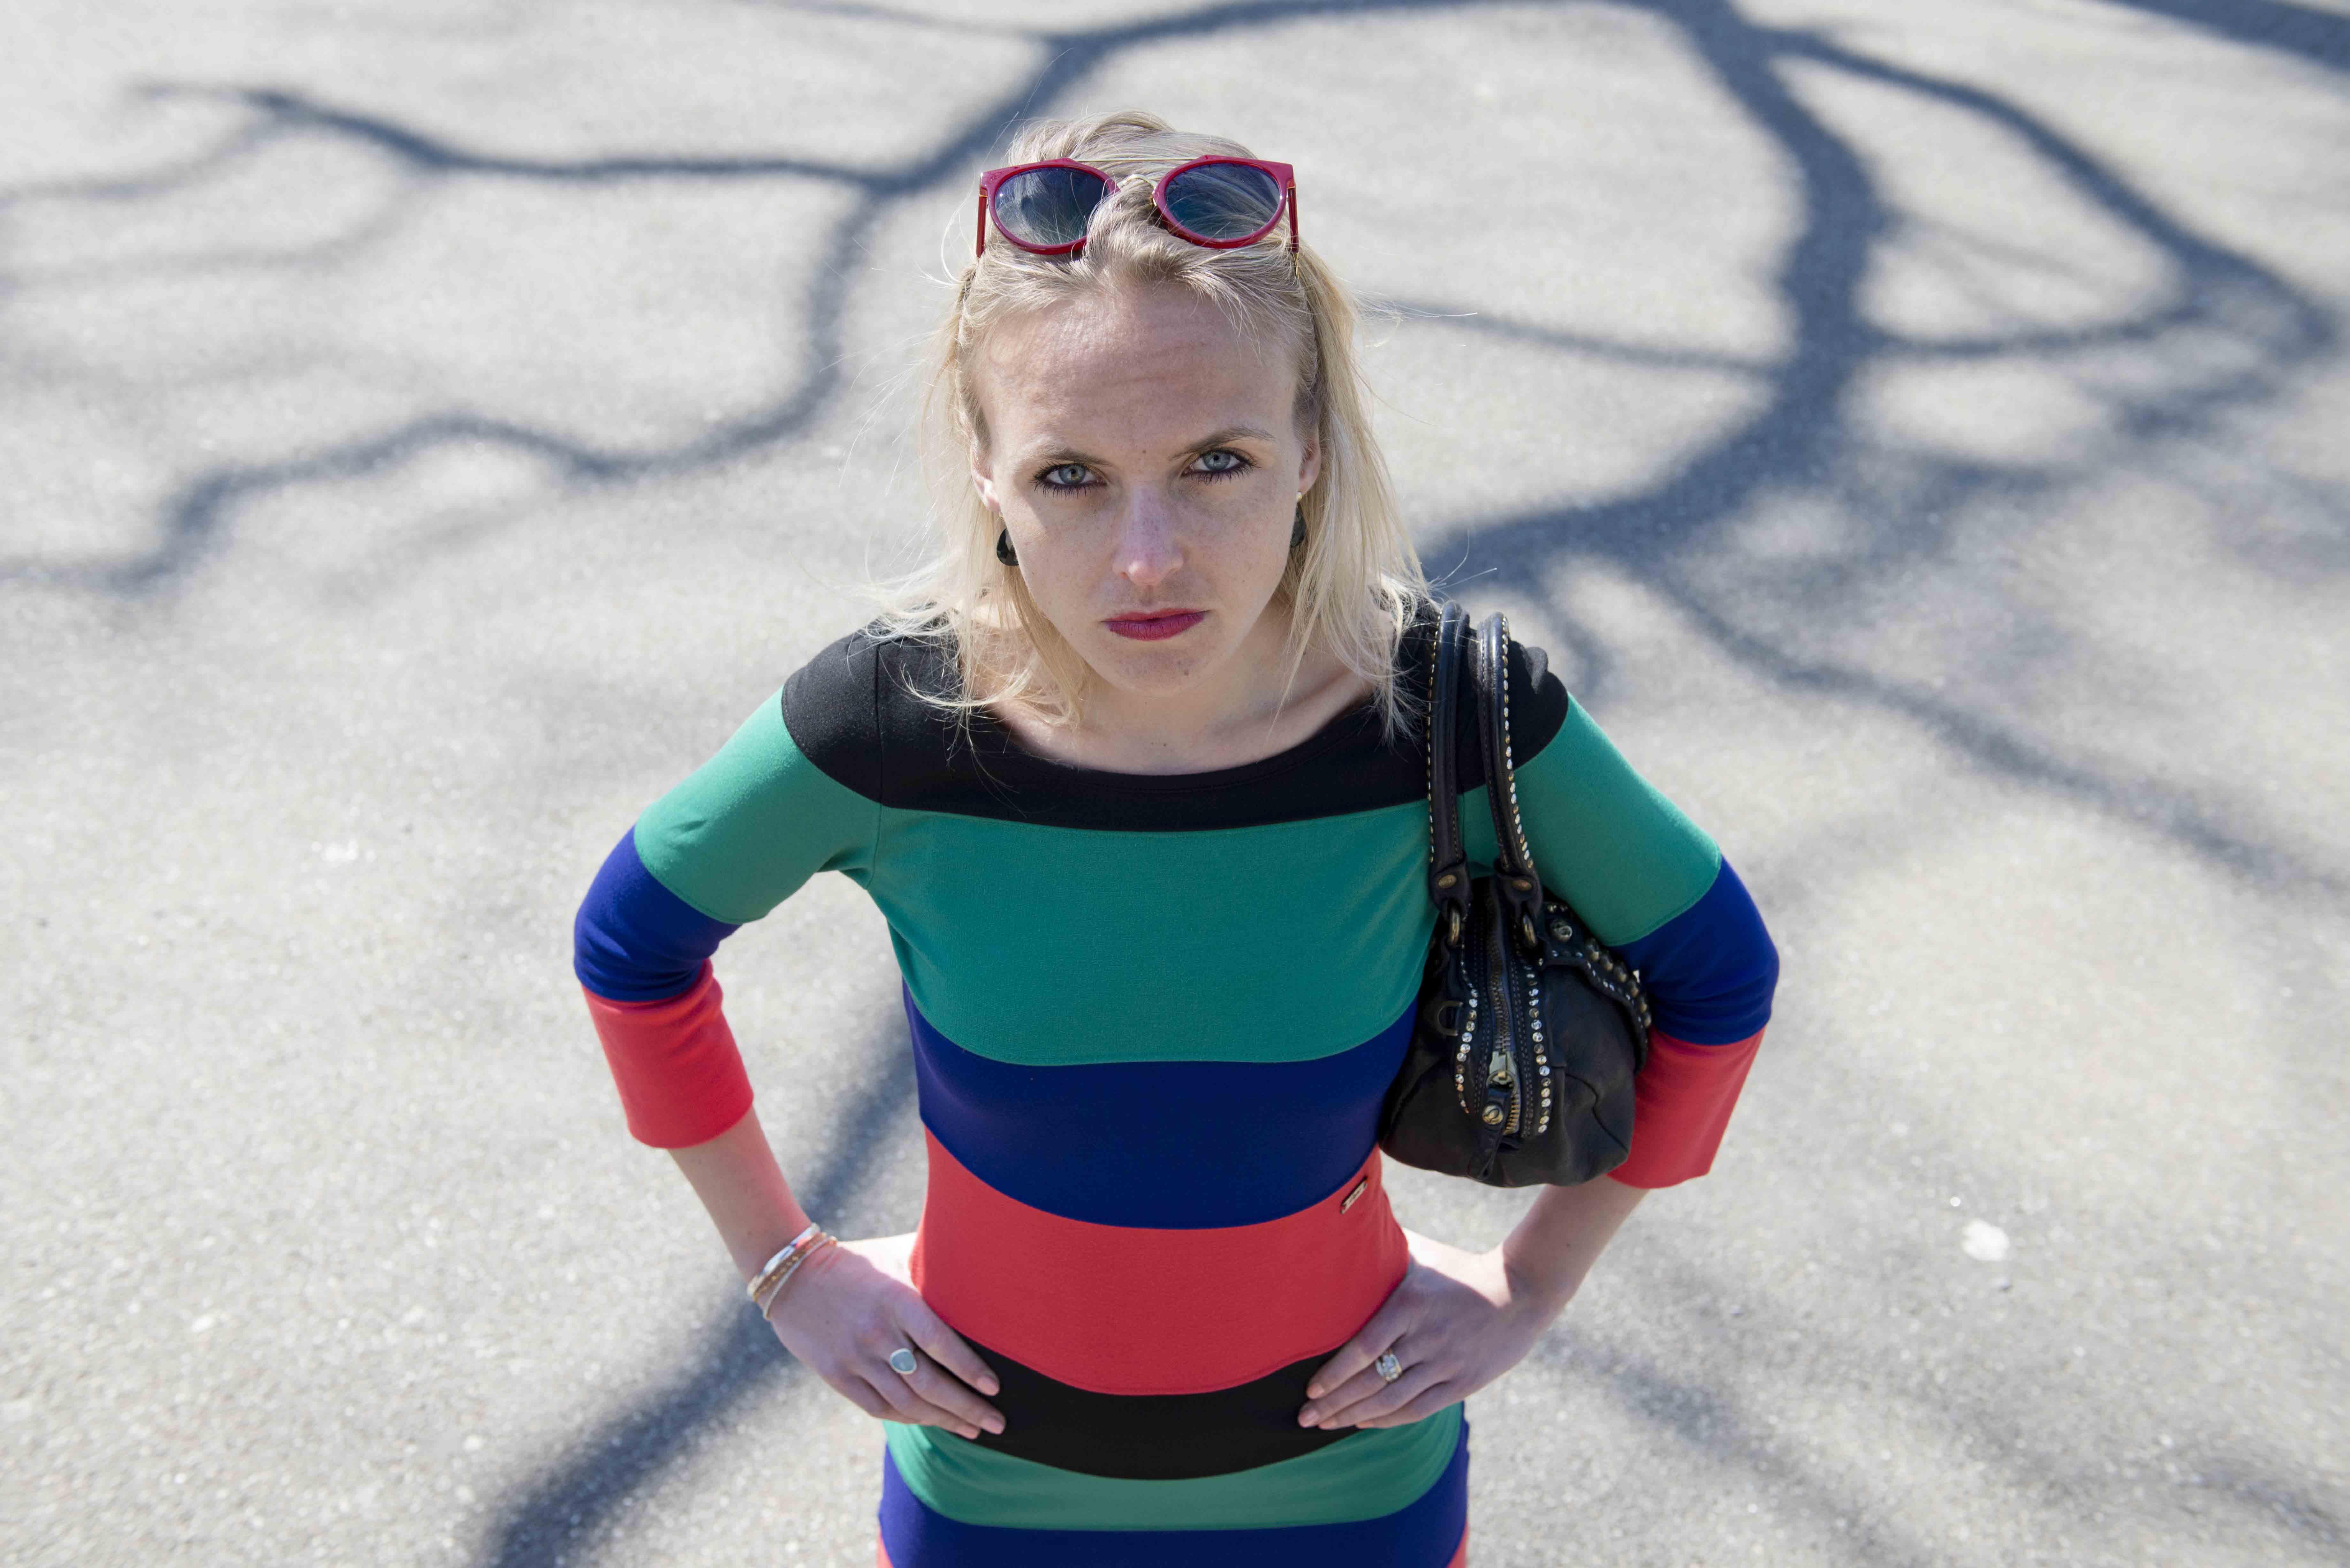 Bag at You Fashion Blog - Campomaggi Bags - Ootd Botd